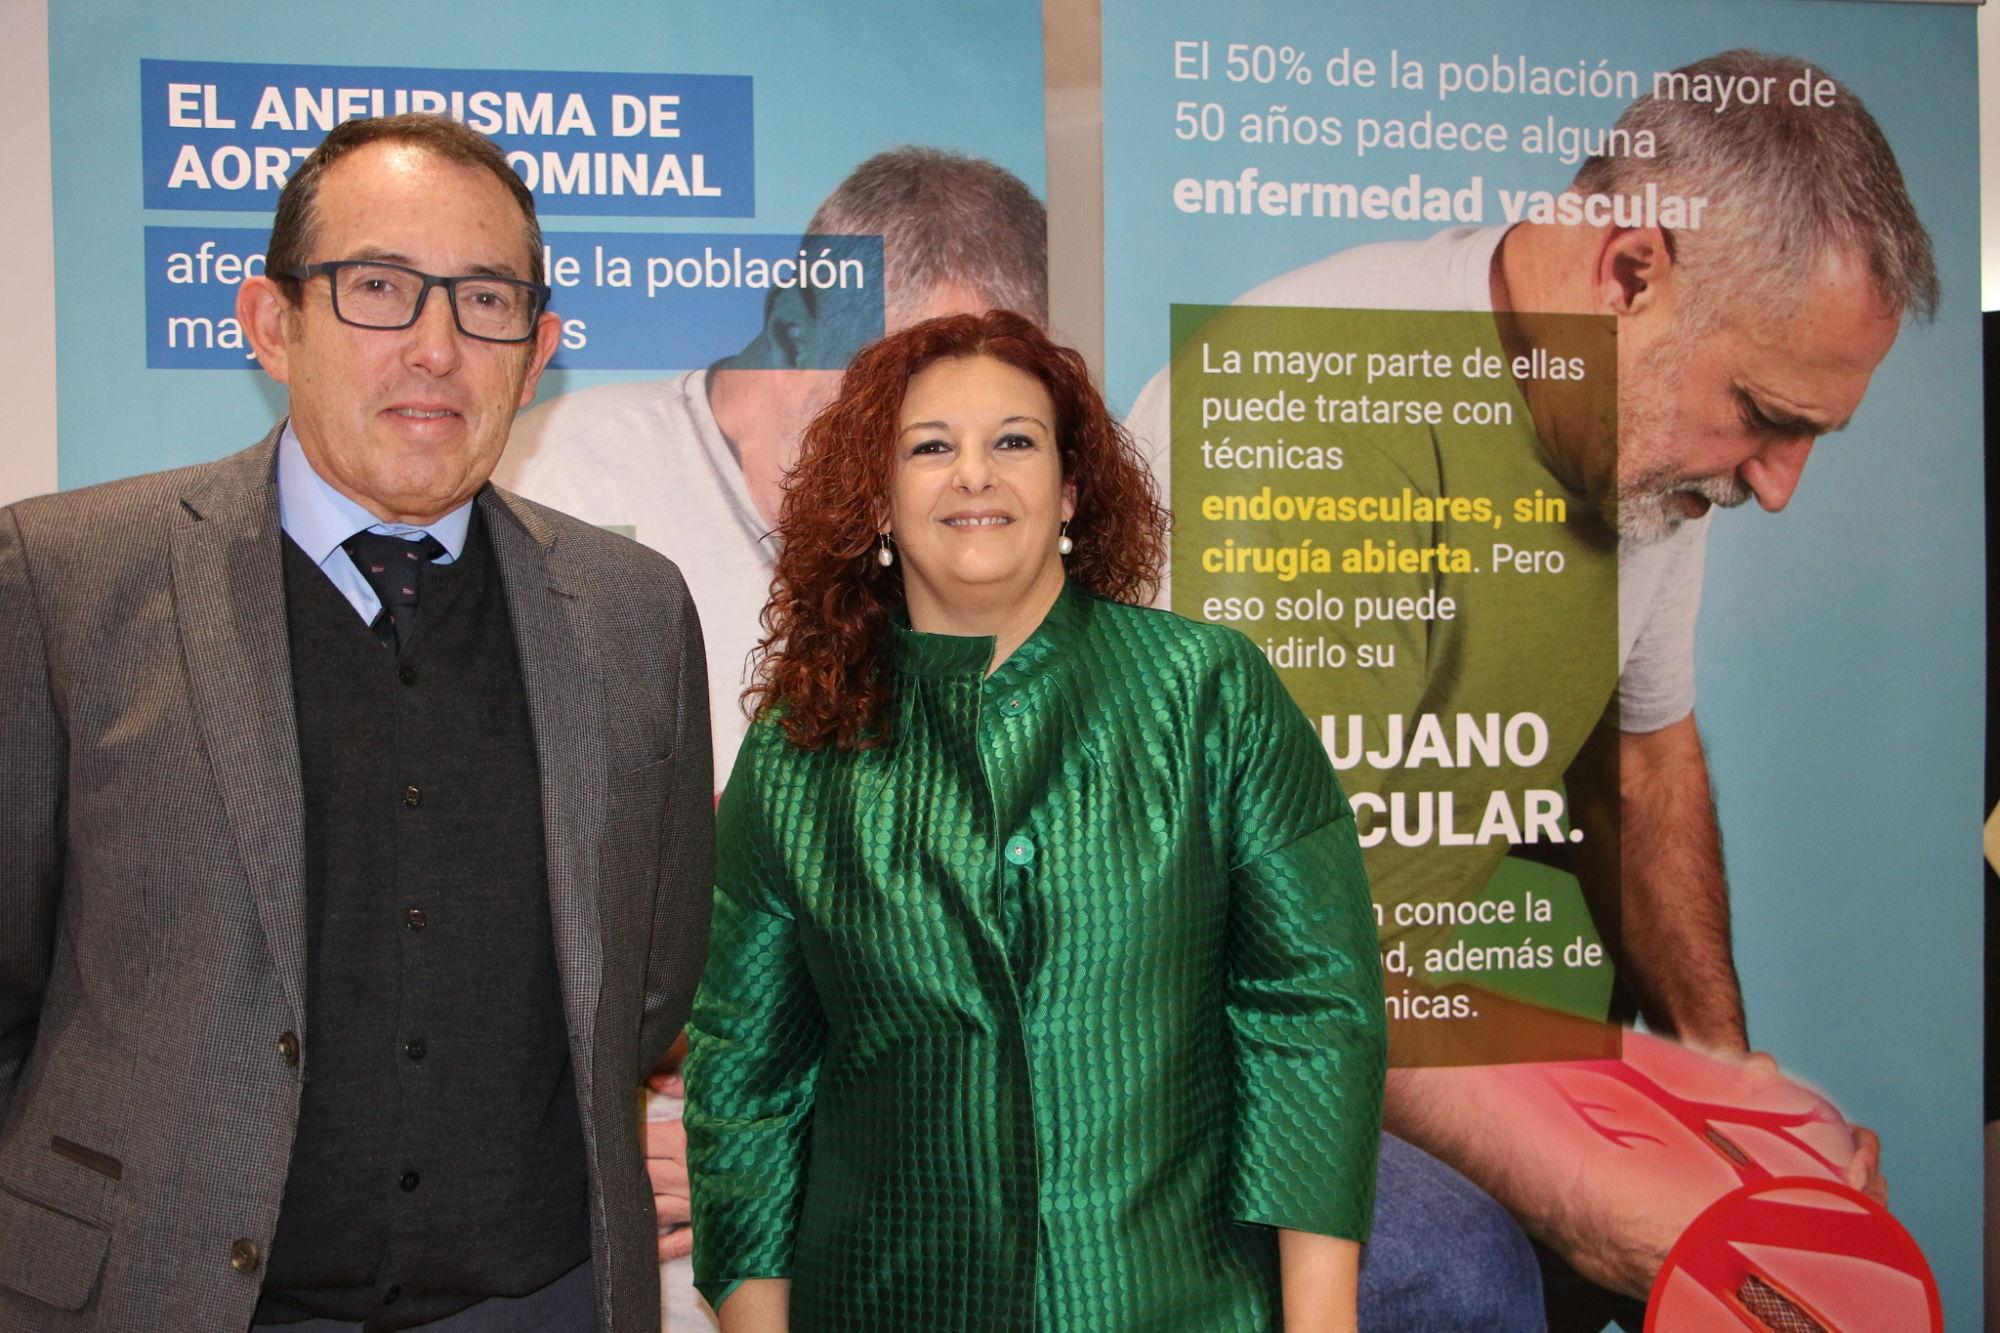 NOTA DE PRENSA: Llega a la estación de Renfe en Córdoba una campaña que advierte sobre el desconocimiento de las patologías vasculares